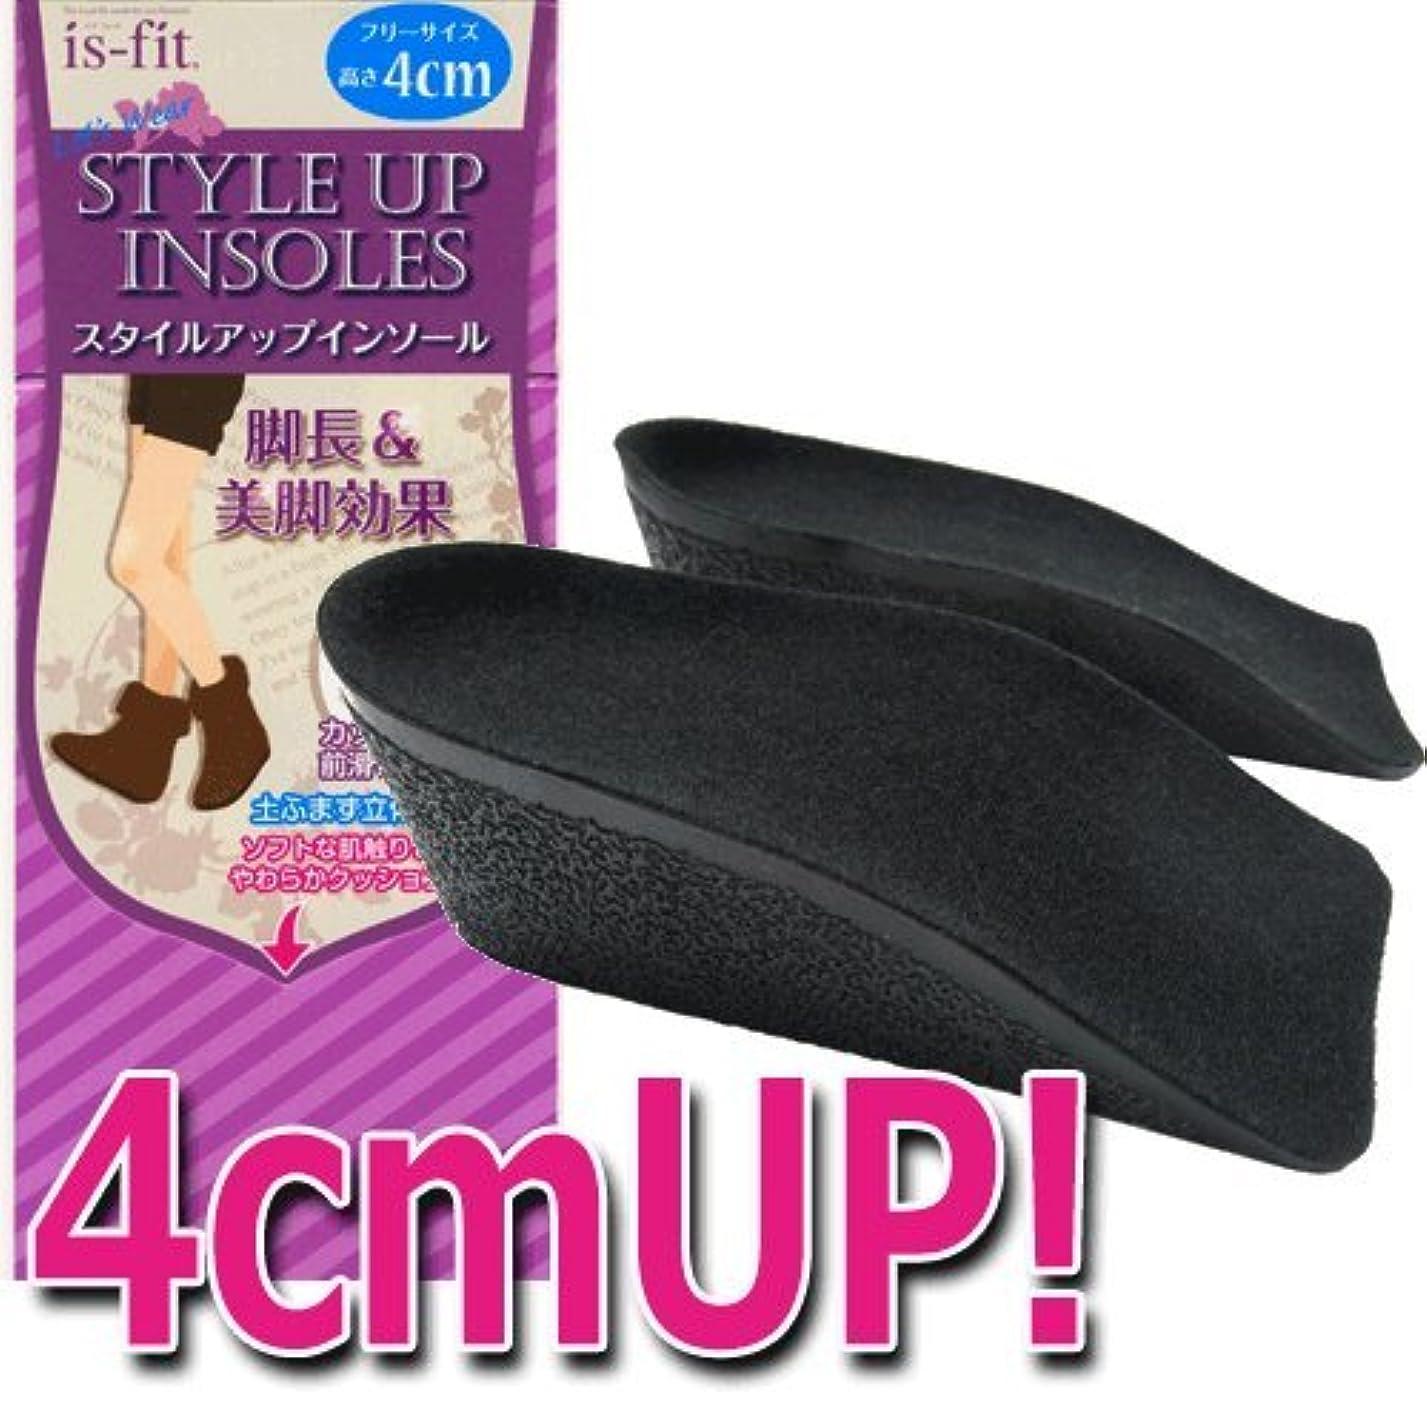 染色ラッチイライラするモリト is-fit(イズフィット) スタイルアップインソール 4cm 女性用 フリーサイズ ブラック